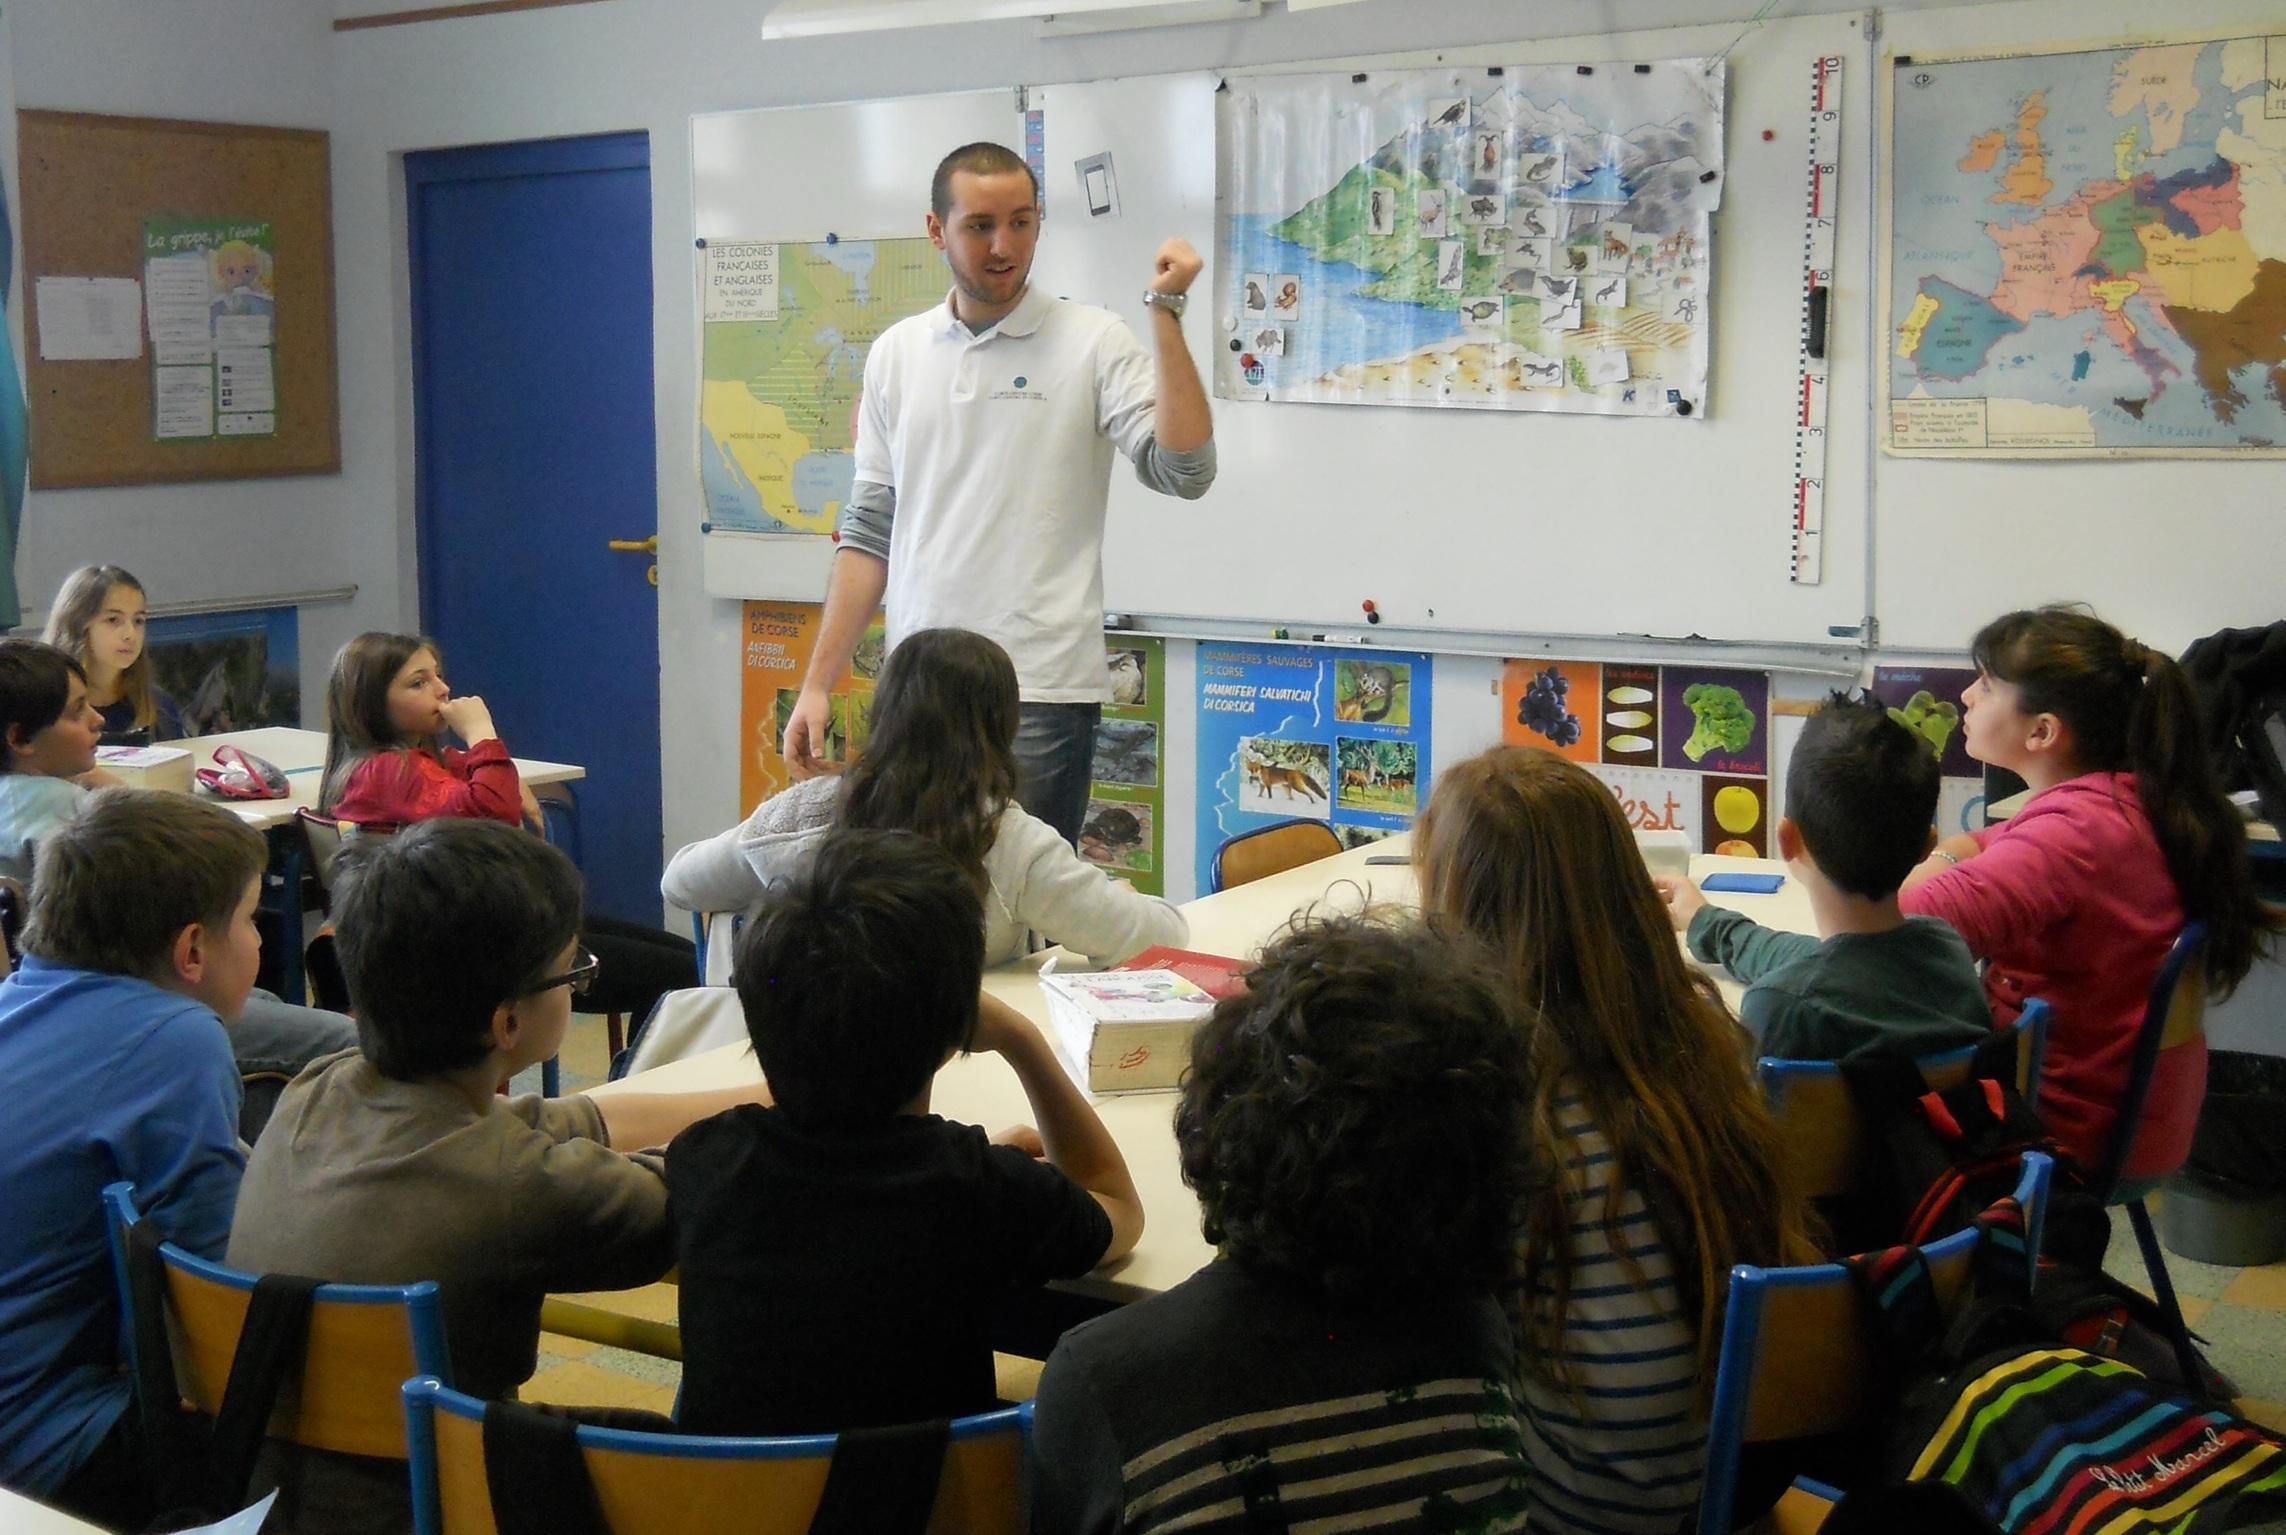 Matteu Quiricioni et les élèves de l'école Sandreschi de Corte à  l'écoute de la séance 2